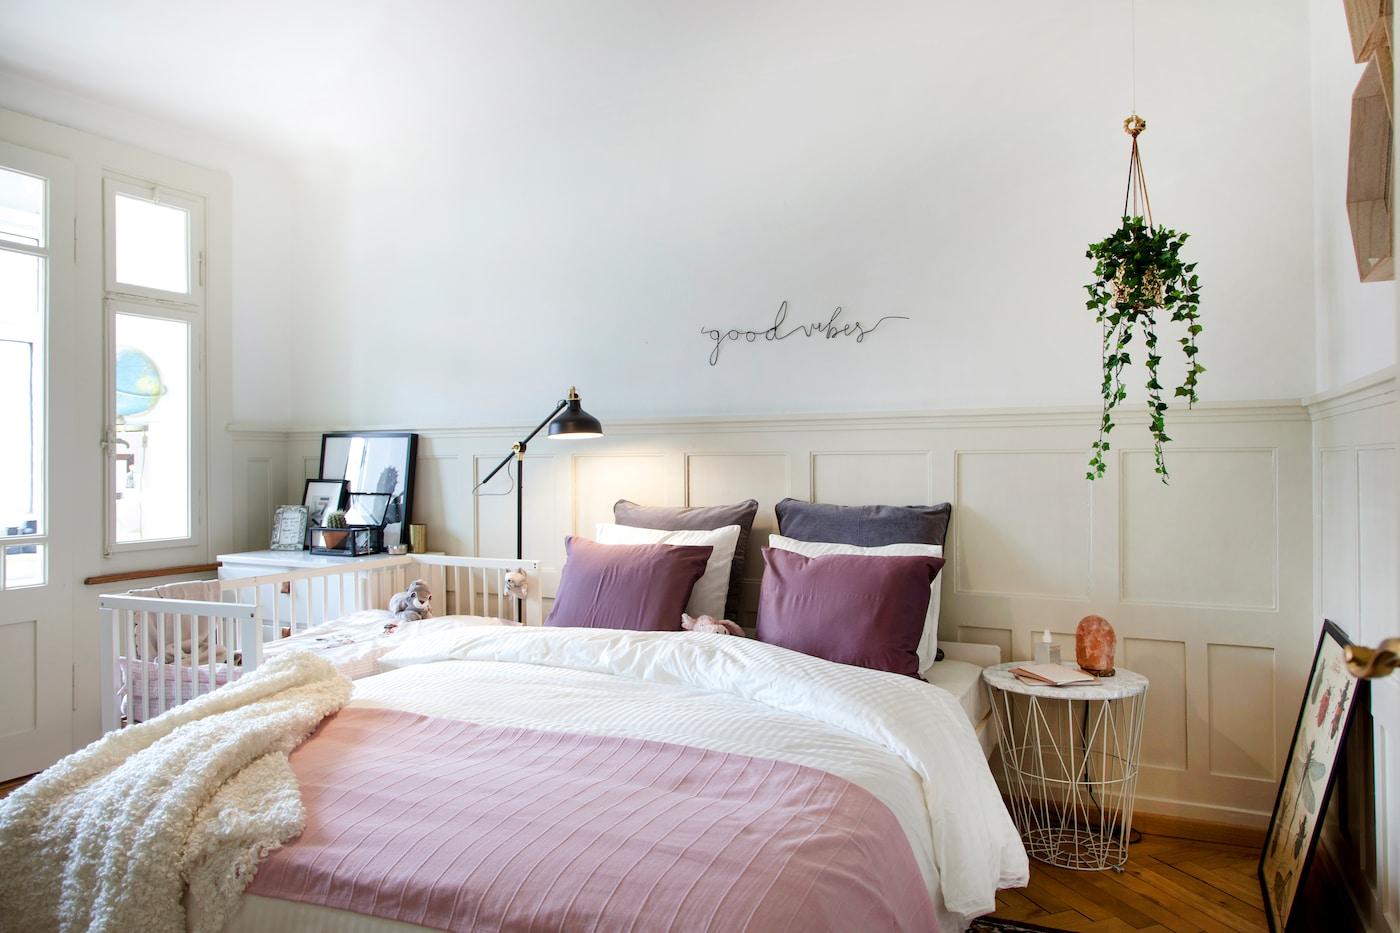 Gemütliches Schlafzimmer mit einem Babybett neben dem Elternbett. Die IKEA RANARP Standlampe sorgt für eine gute Atmosphäre.